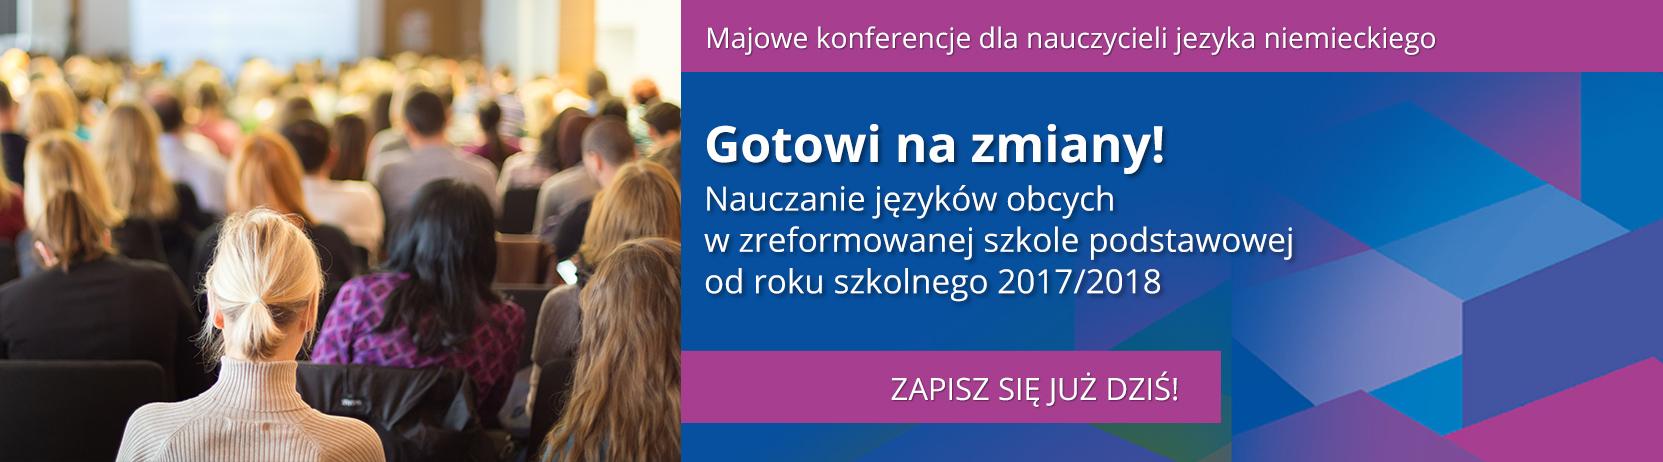 Konferencje dla nauczycieli języków obcych